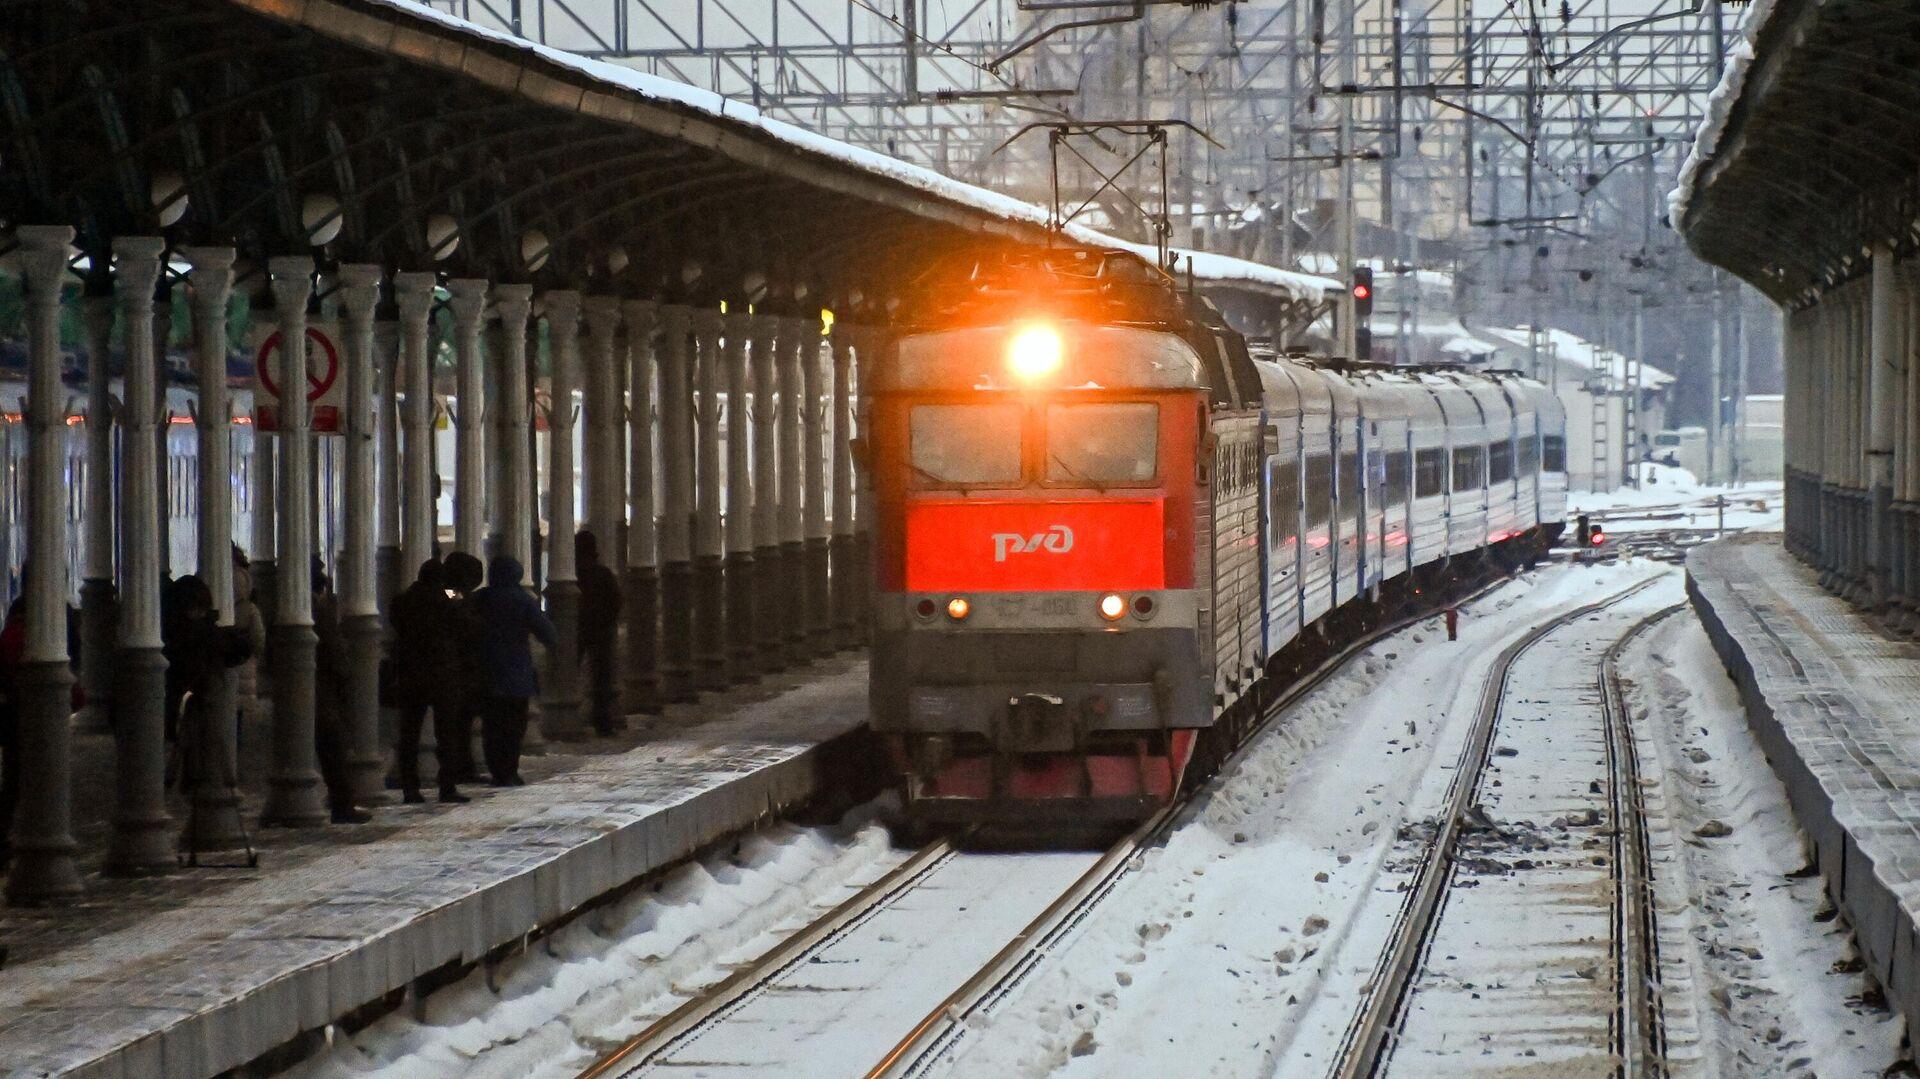 Пассажирский поезд Минск-Москва прибывает на Белорусский вокзал в Москве - РИА Новости, 1920, 03.03.2021